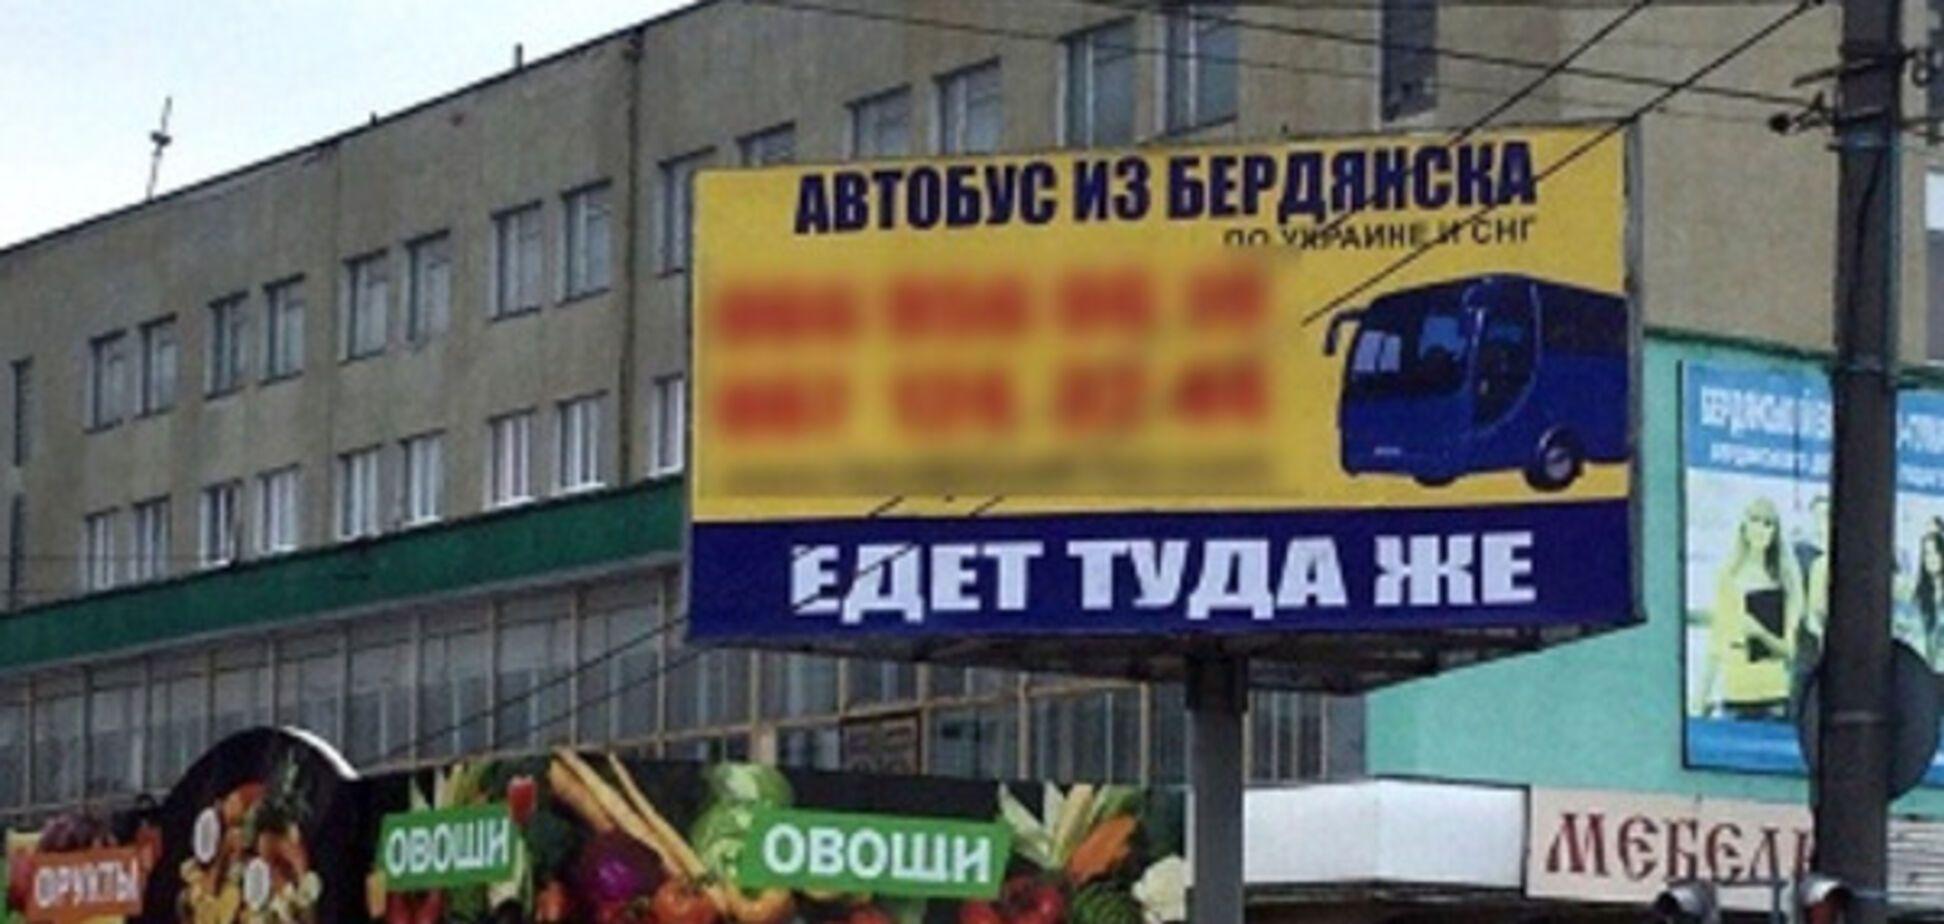 На Запорожье заметили скрытую рекламу туров в Россию